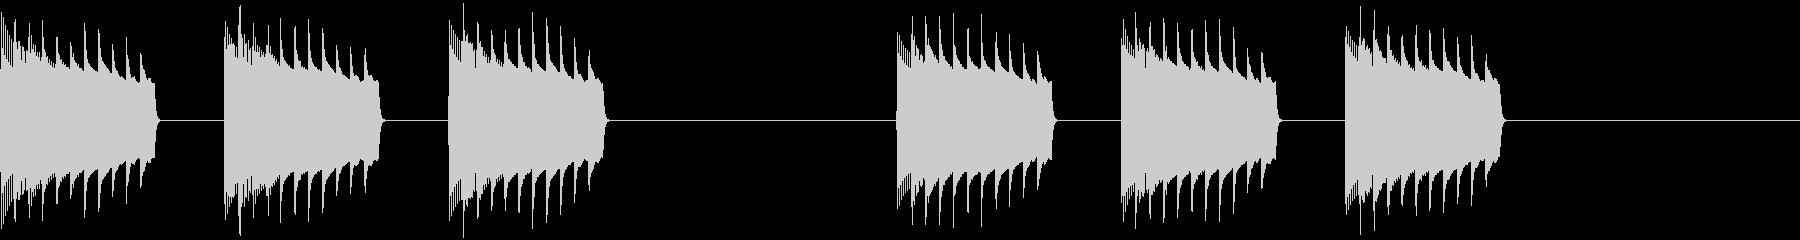 未来的・着信音・通知音・アラーム2の未再生の波形